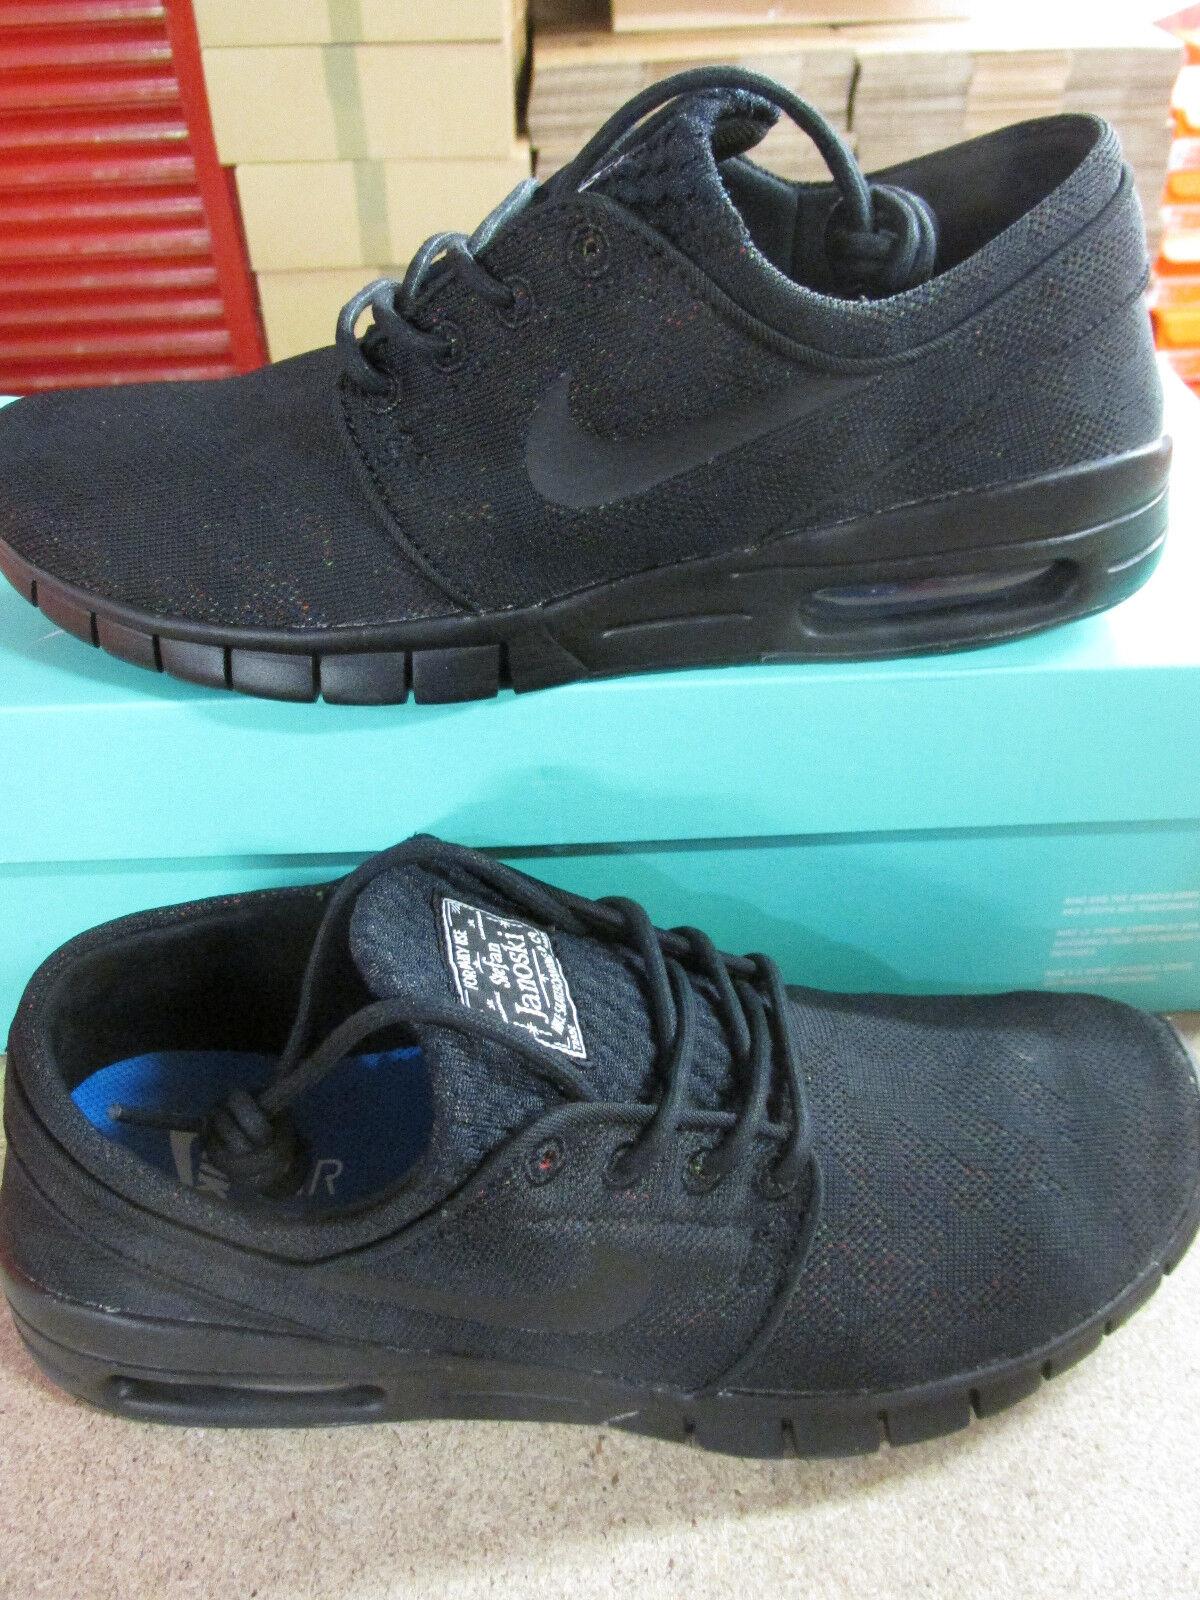 Nike sb stefan janoski max sonodiventate mens mens mens formatori 807497 004 scarpe, scarpe | Colore molto buono  | Scolaro/Ragazze Scarpa  8b89d8